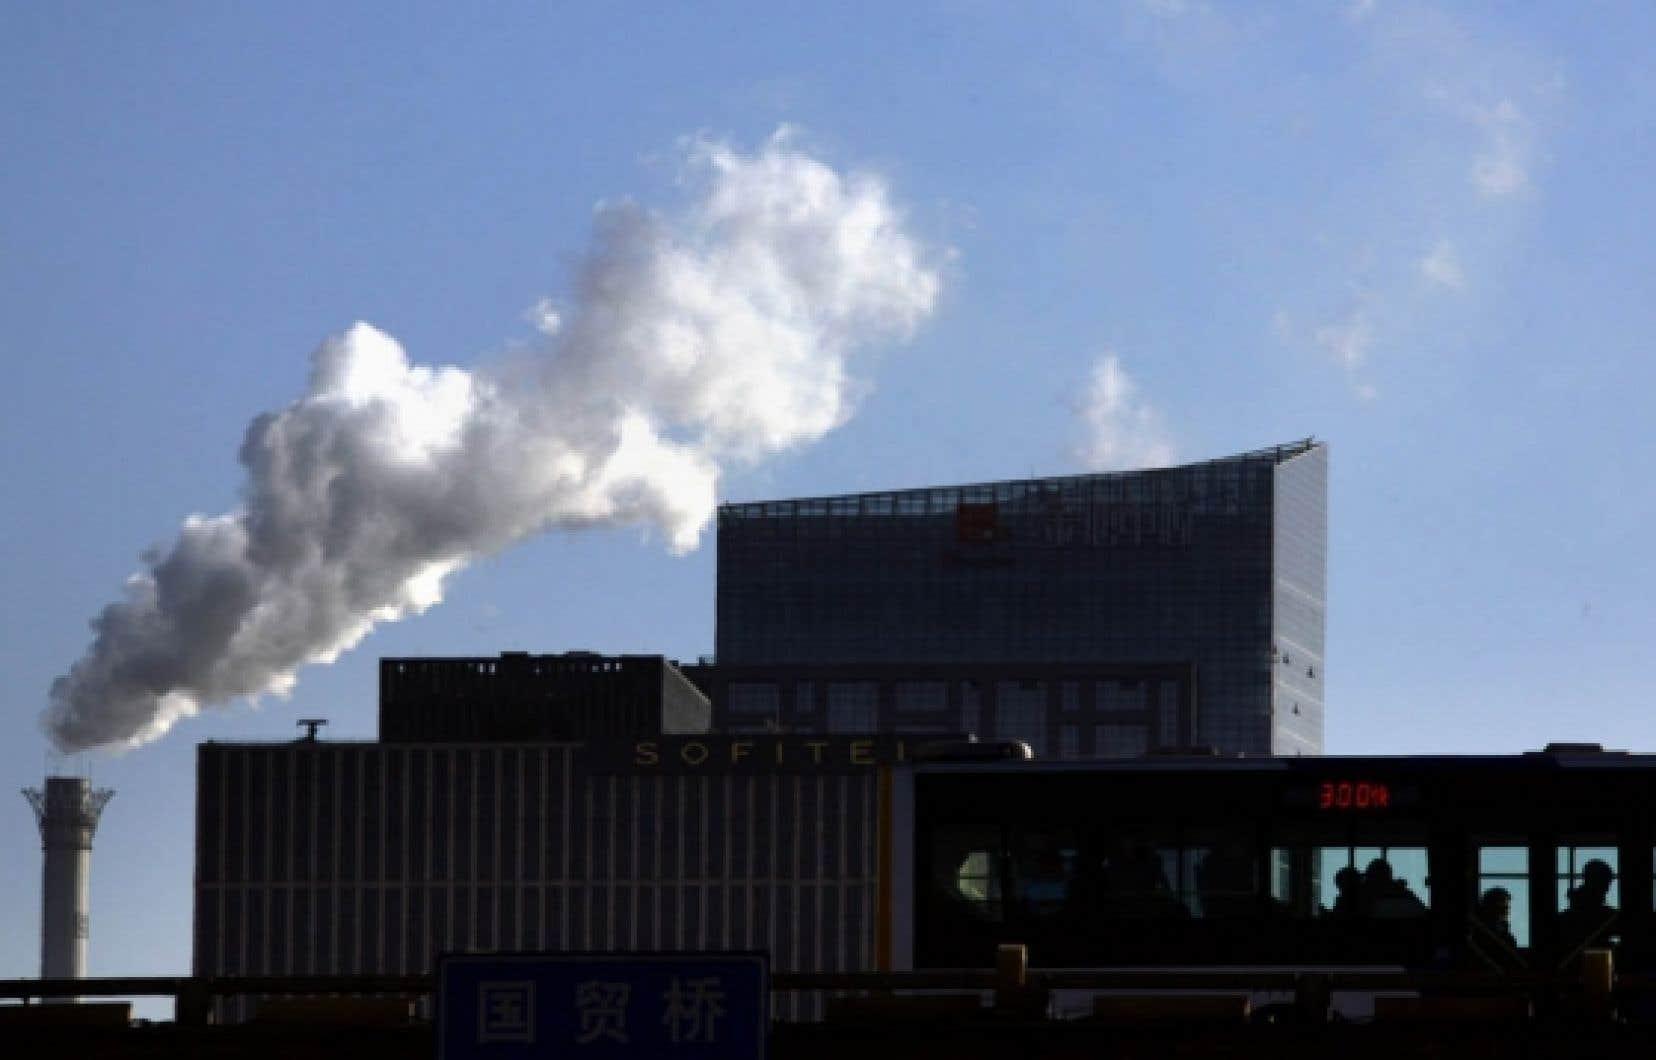 Des milliers d'édifices sont toujours chauffés au charbon en Chine, comme ici à Pékin. Tout comme l'Inde et les États-Unis, la Chine conçoit encore largement la lutte contre les changements climatiques comme un mal économique ou un facteur de limitation de la croissance.